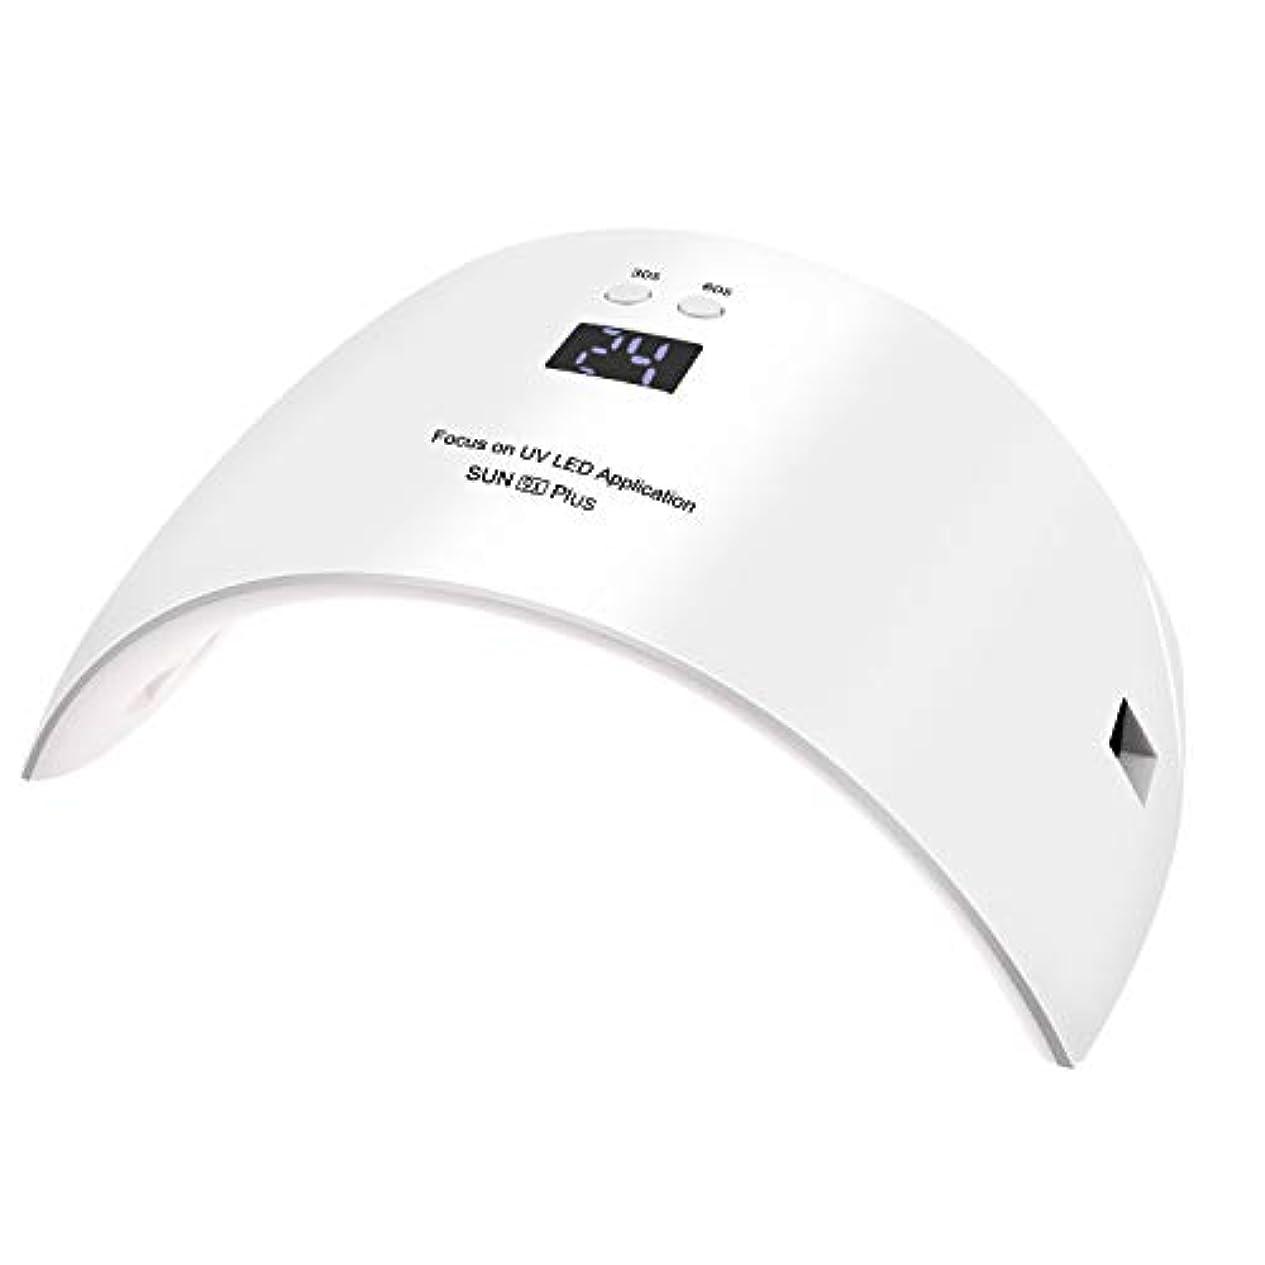 話一緒に振動させるHeshare LED ネイルドライヤー 36W UVライト レジン用 UV ネイルライト 硬化用 セルフネイル タイマー機能 自動センサー機能 USB式 日本語説明書付き (36w)